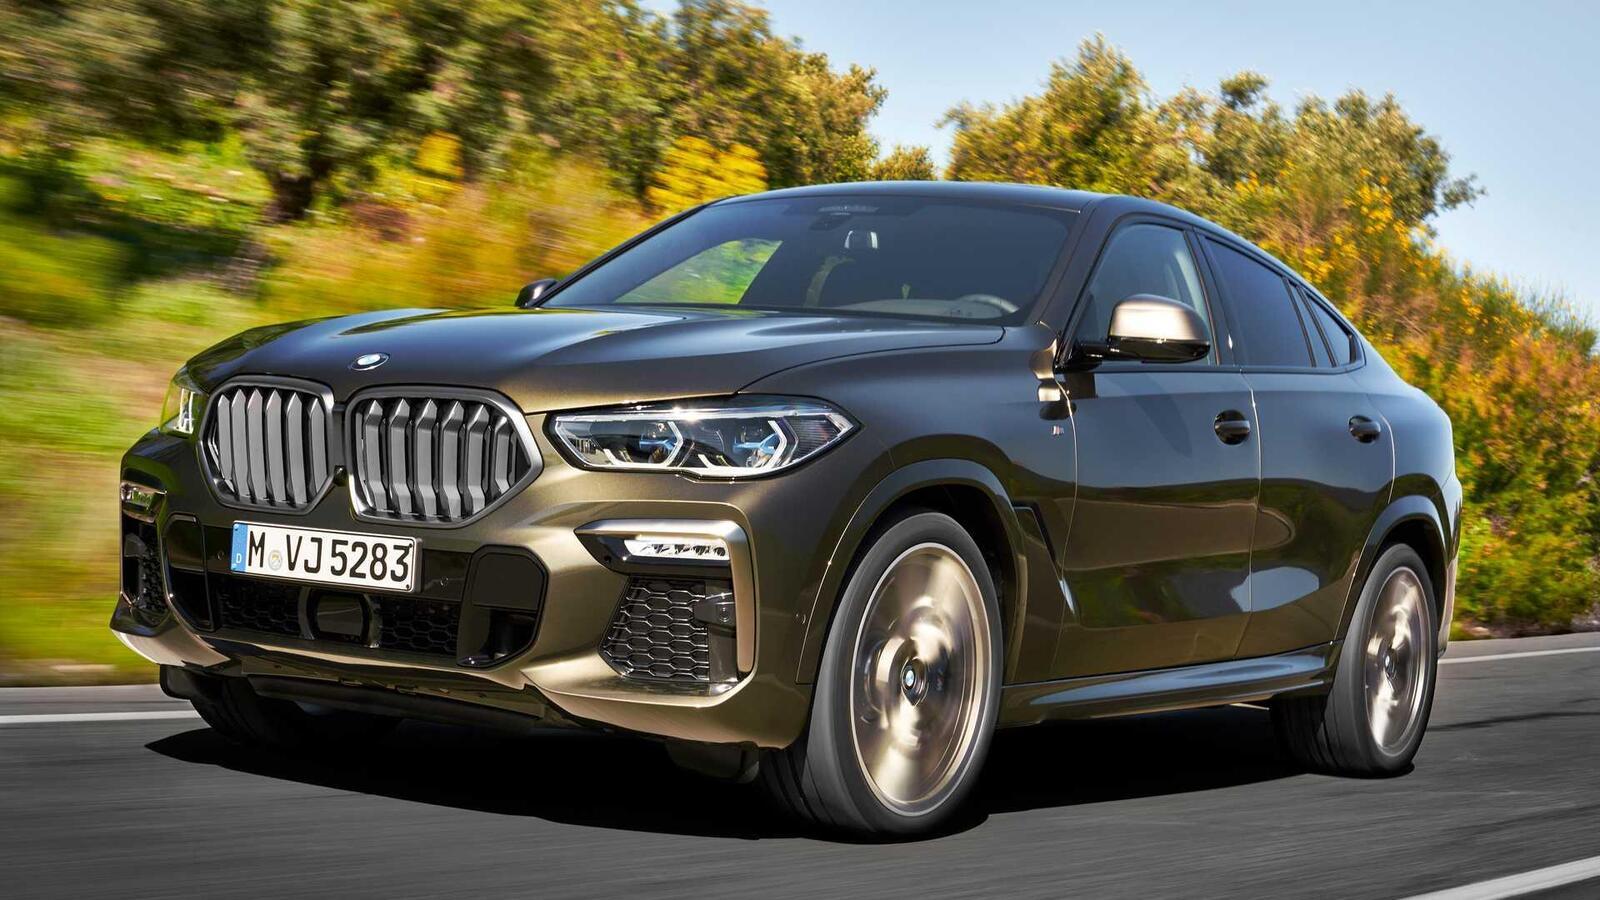 Thế hệ mới BMW X6 2020 chính thức ra mắt - Hình 1